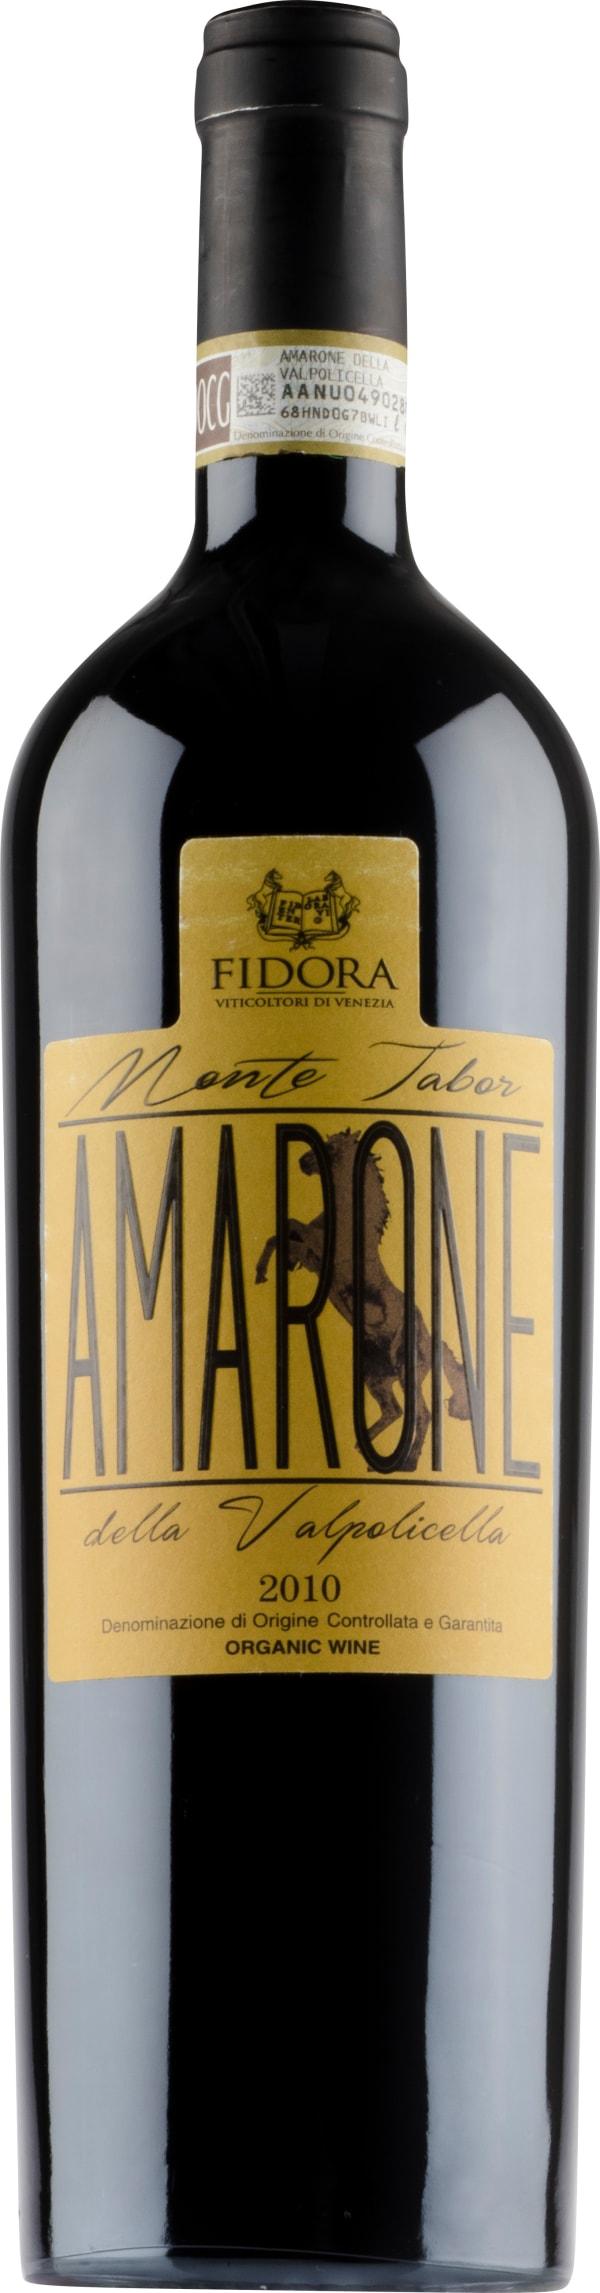 Fidora Monte Tabor Amarone della Valpolicella 2010